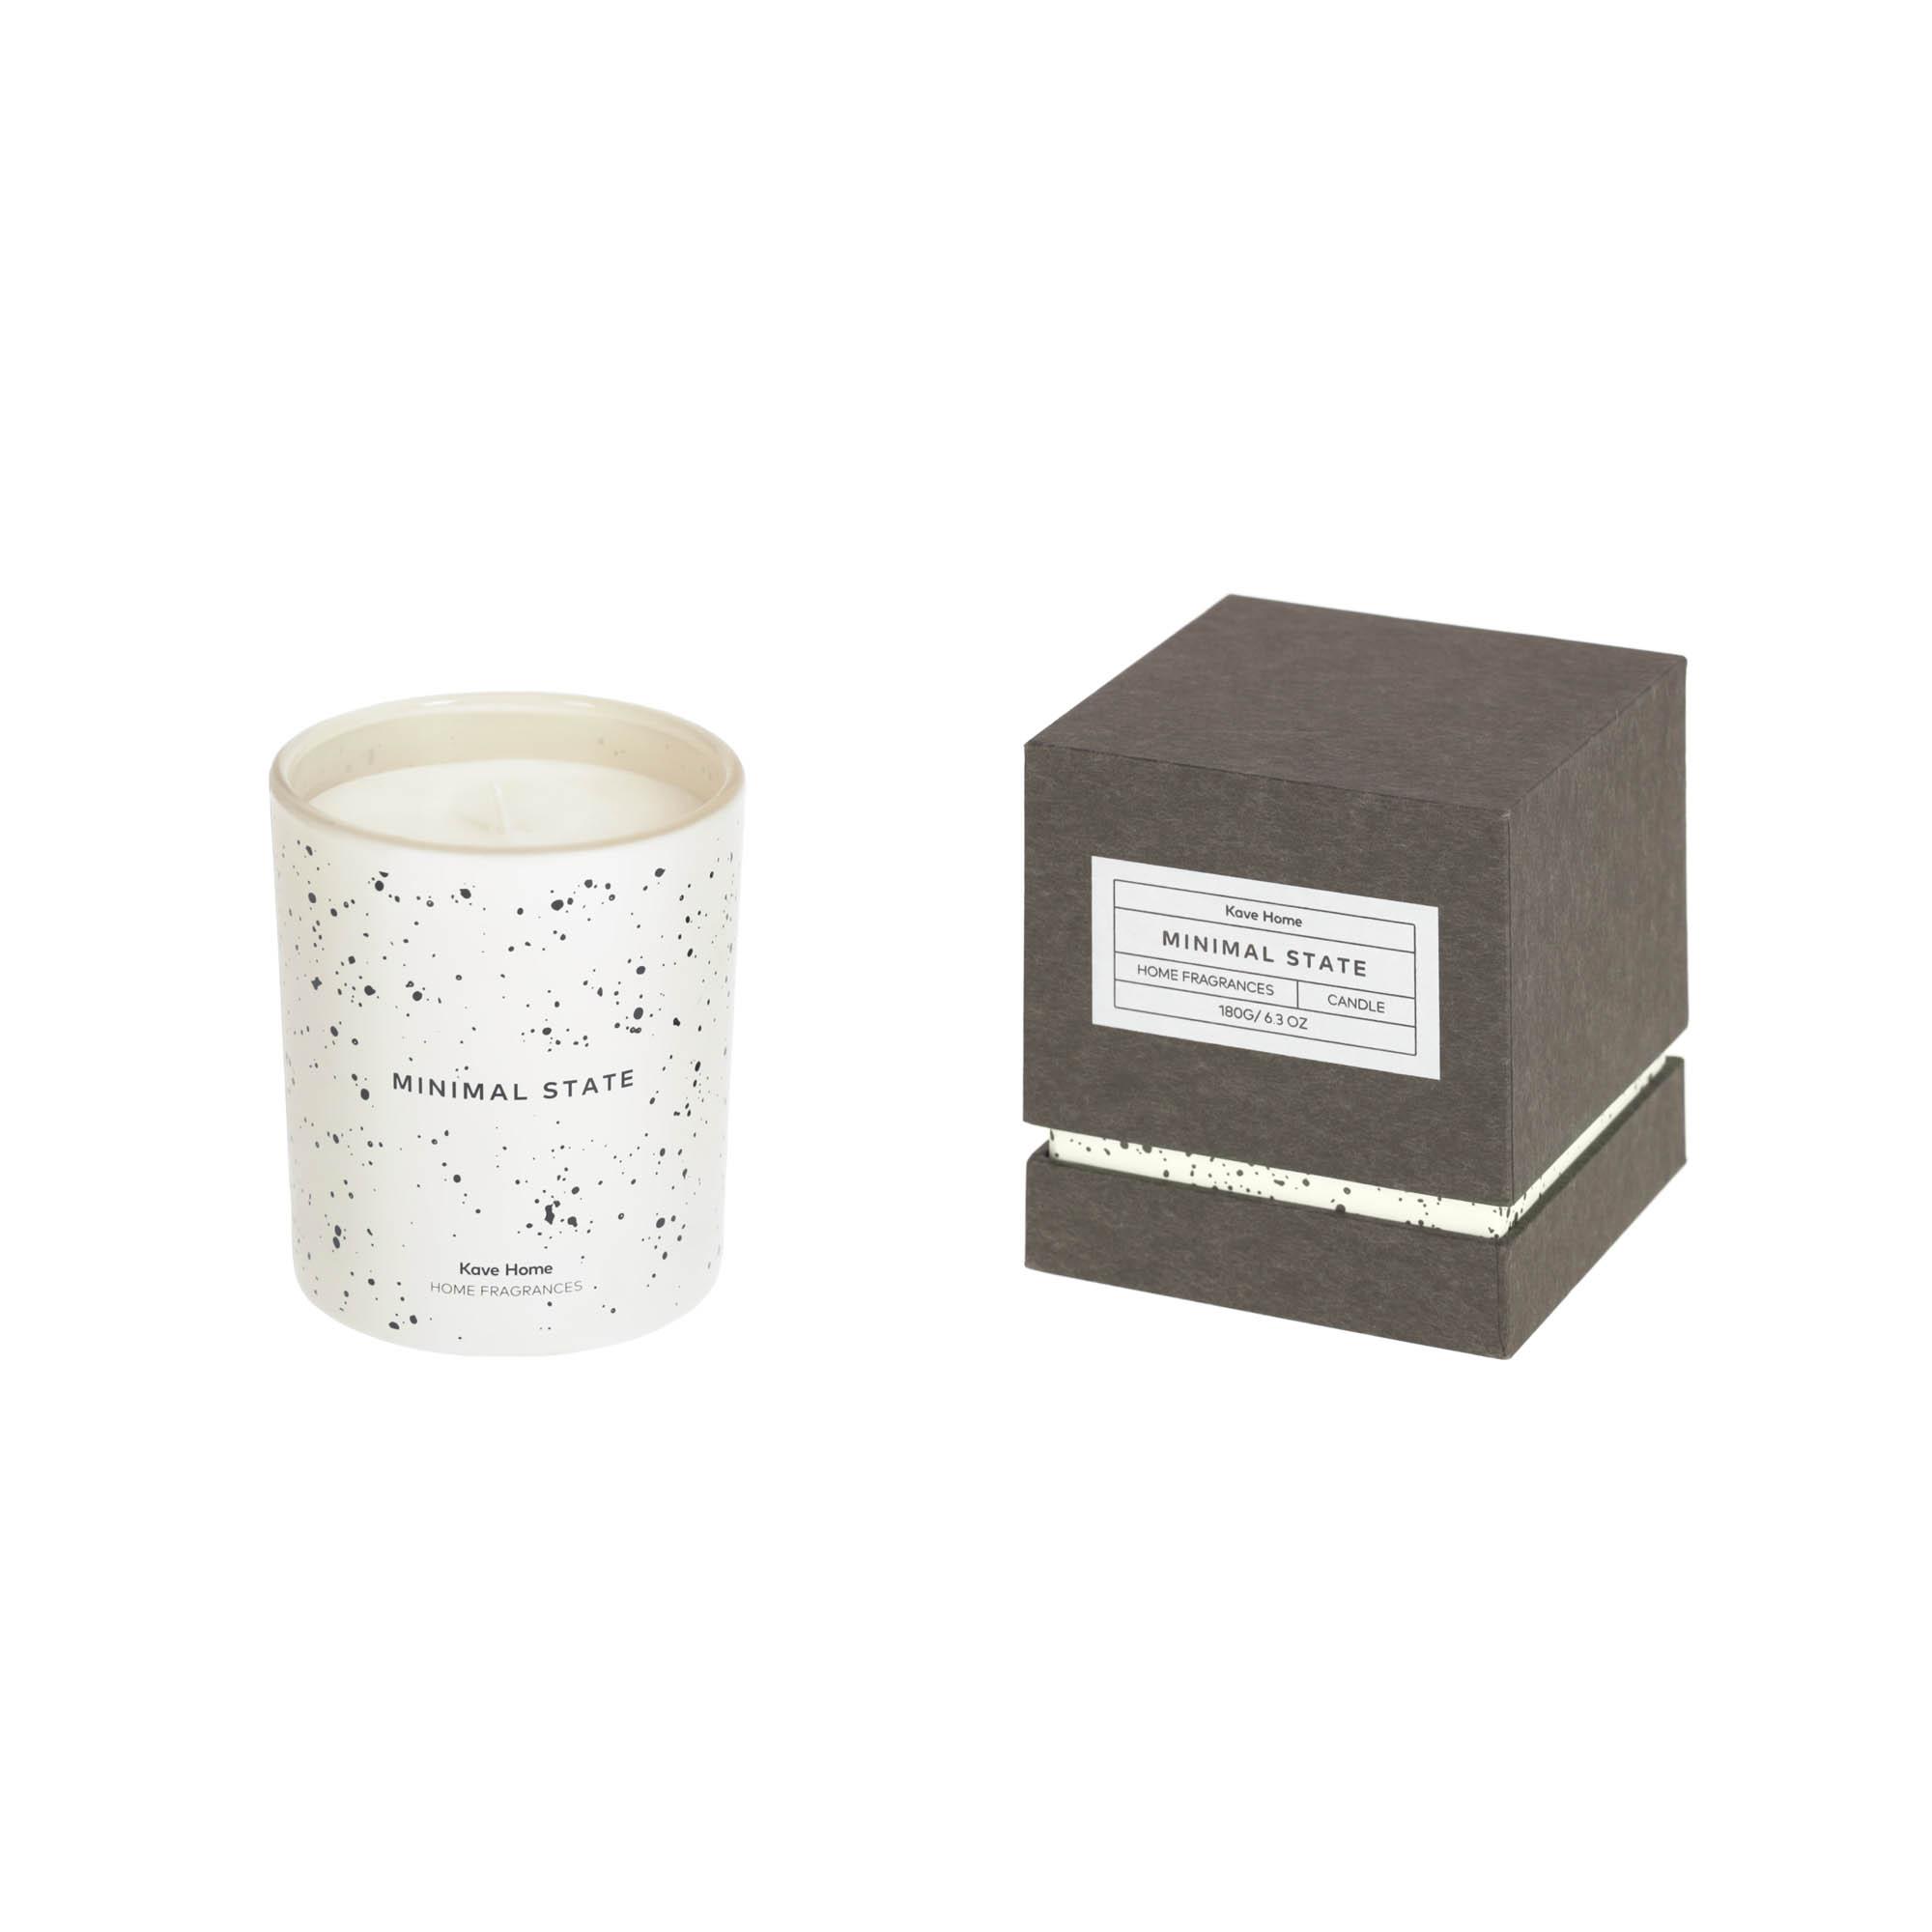 Kave home - bougie parfumée minimal state